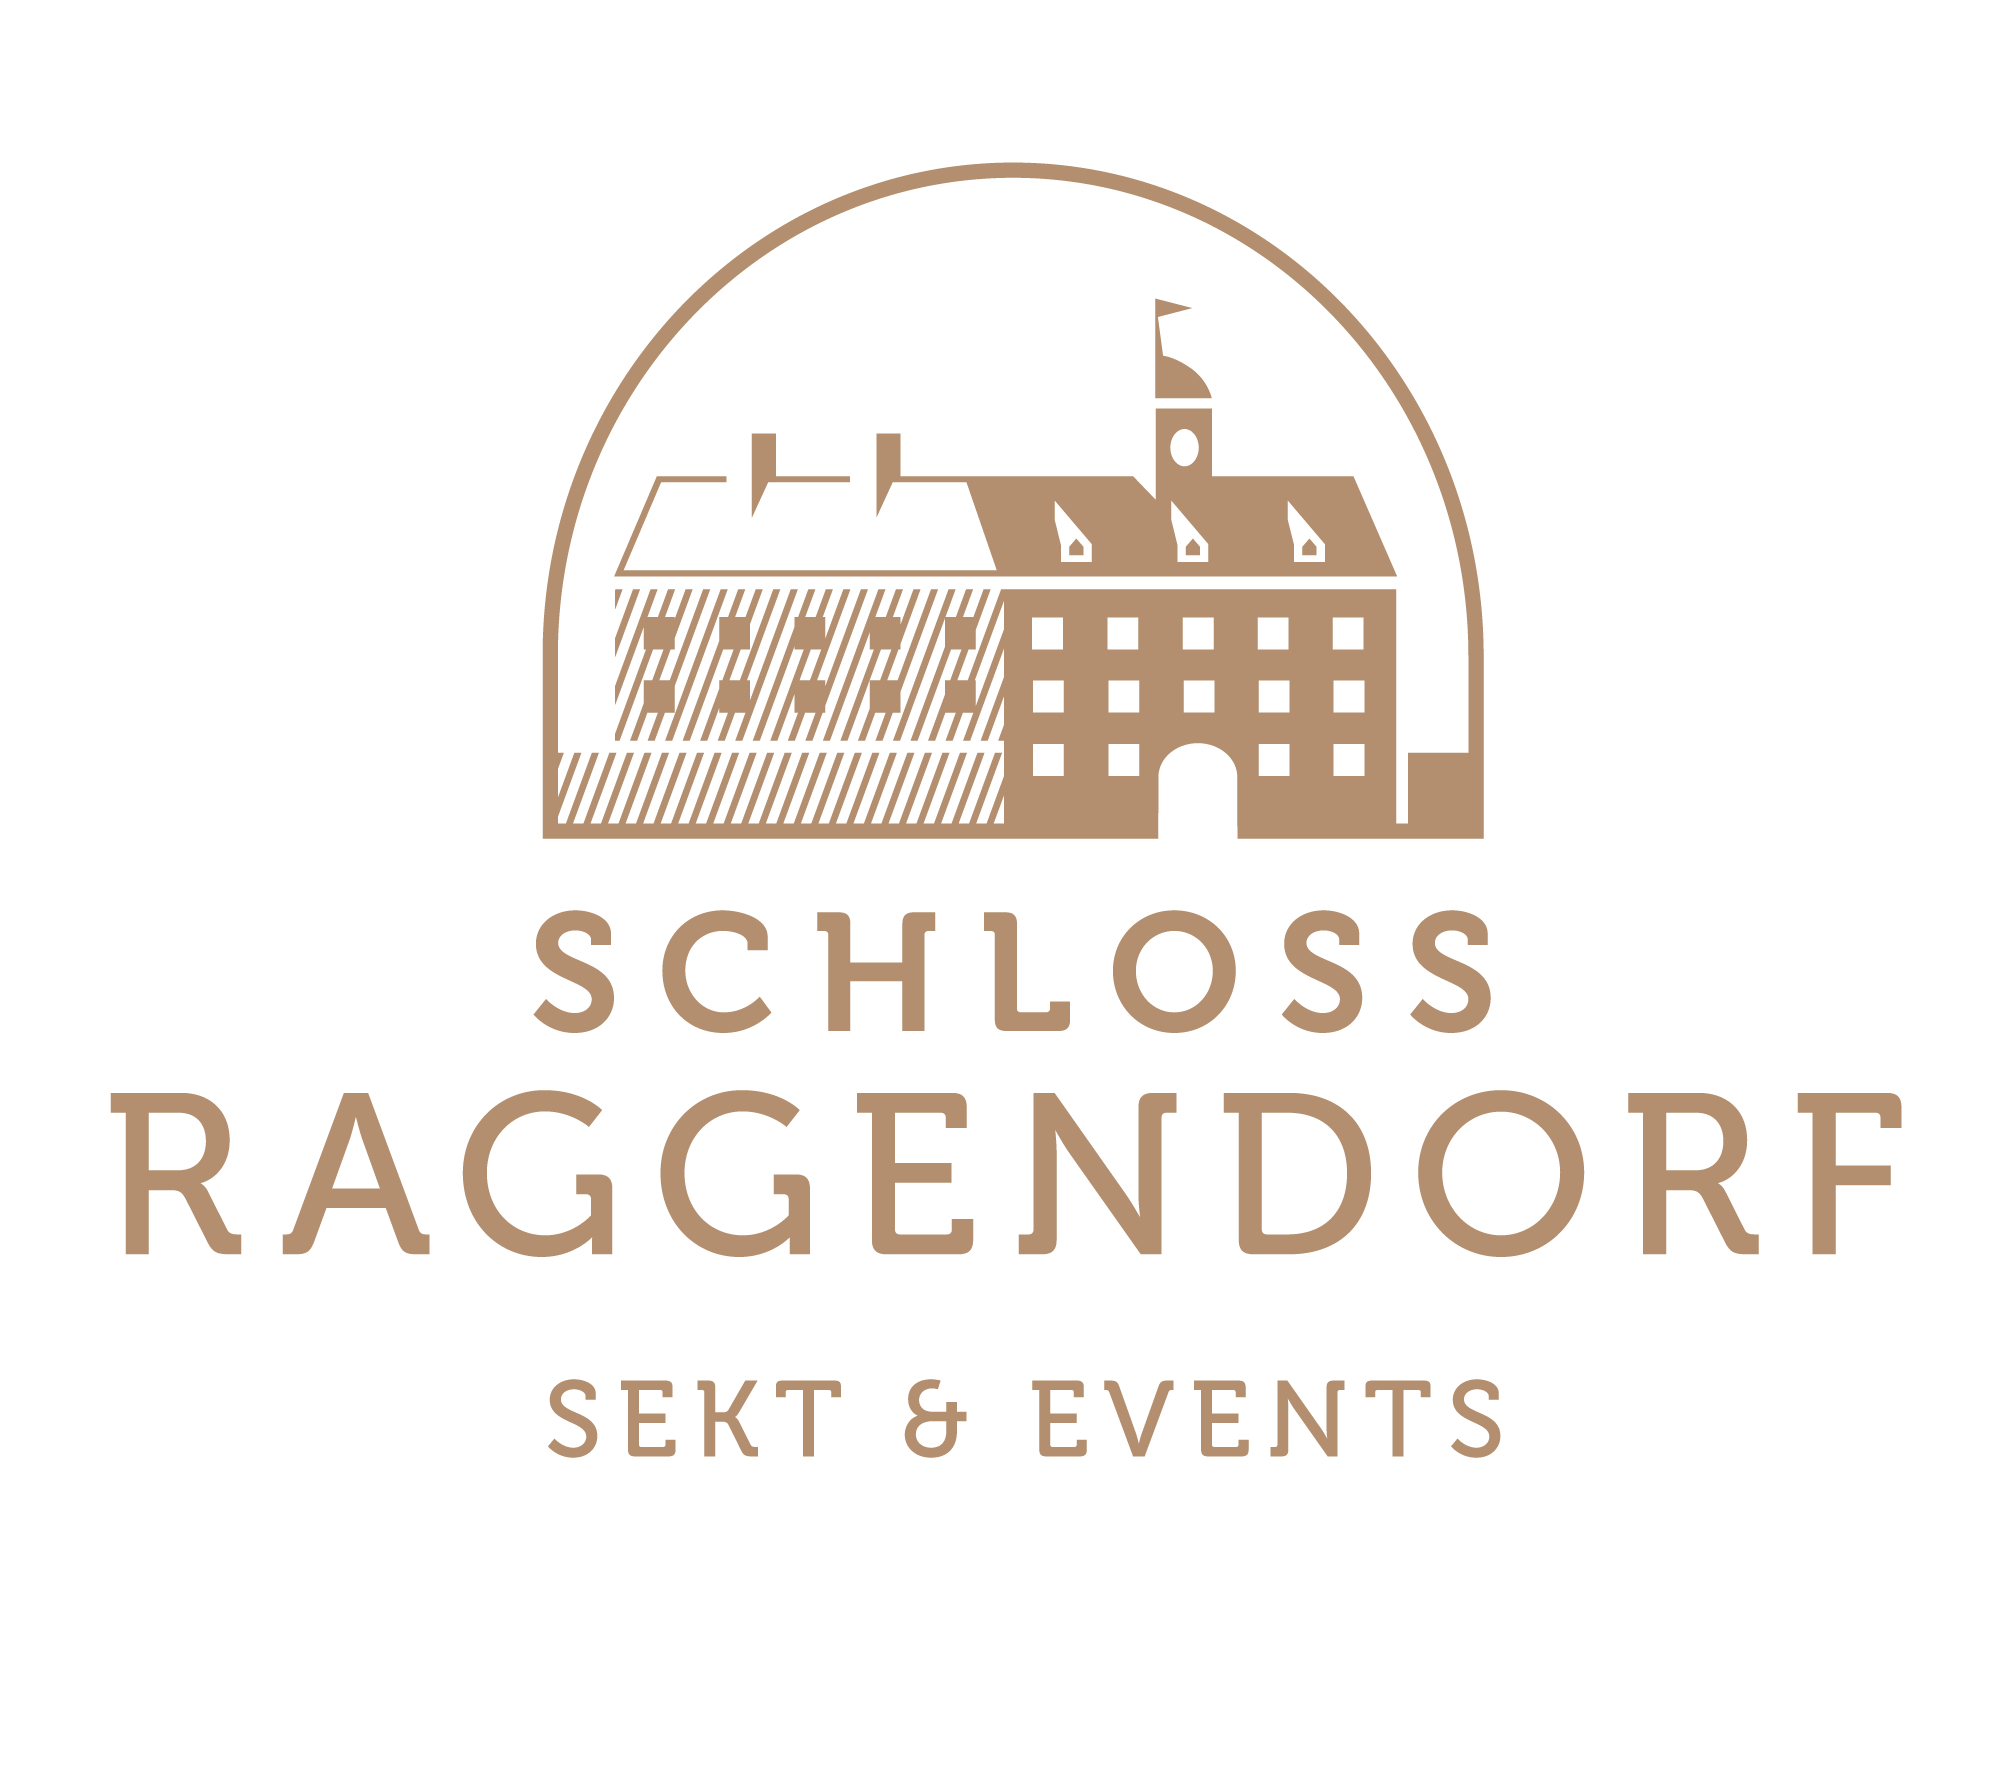 Schloss Raggendorf Sekt und Events